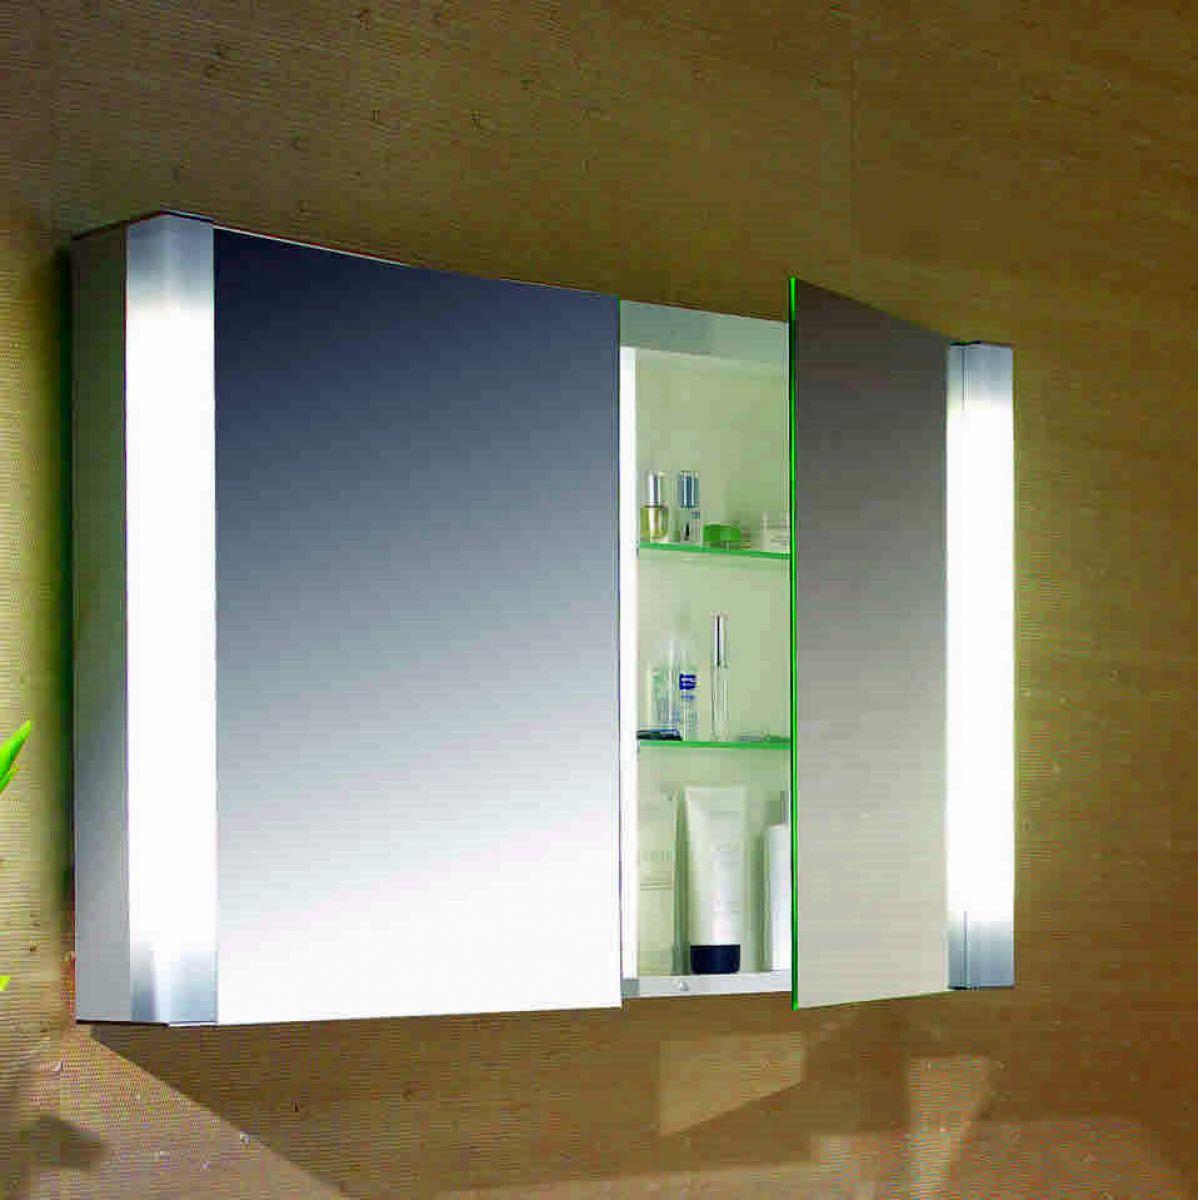 Schneider pepline 2 door mirror cabinet 1000mm ukbathrooms for Bathroom mirror cabinets 900mm and 1000mm